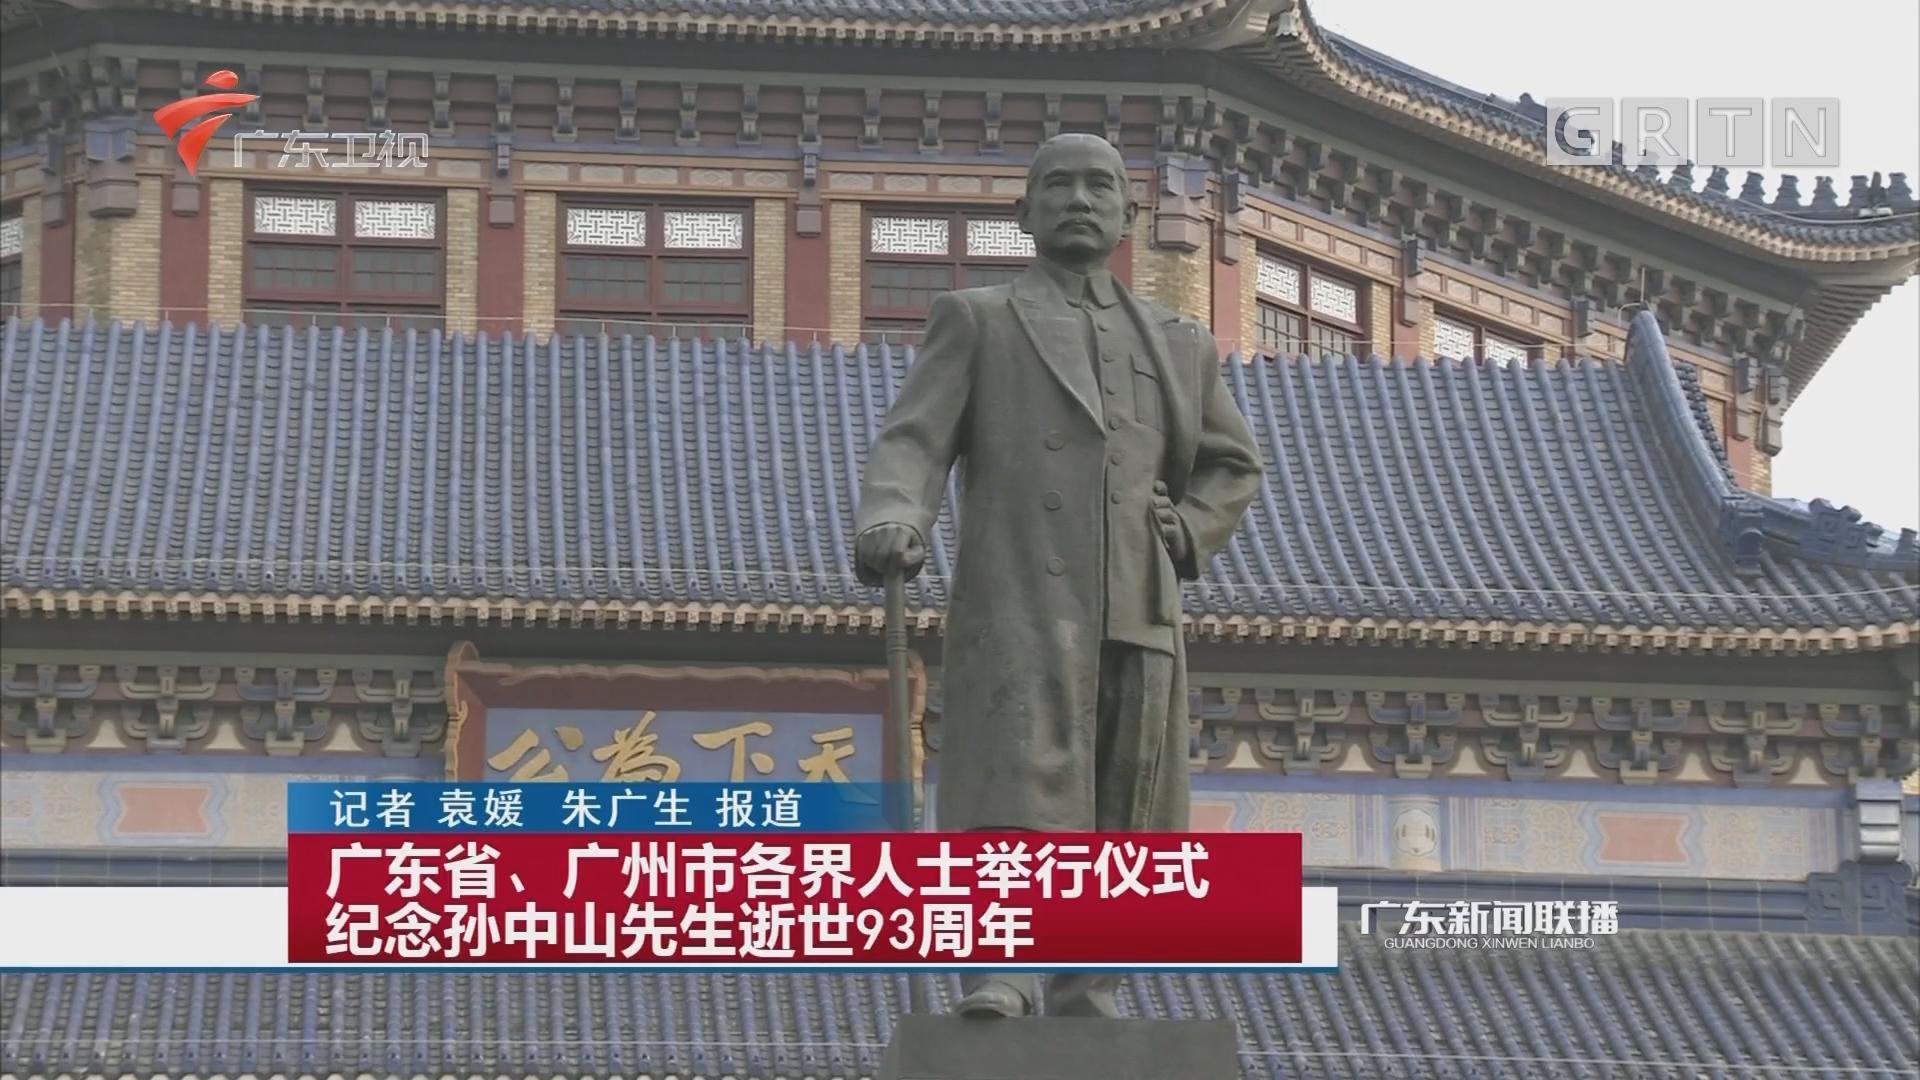 广东省、广州市各界人士举行仪式 纪念孙中山先生逝世93周年